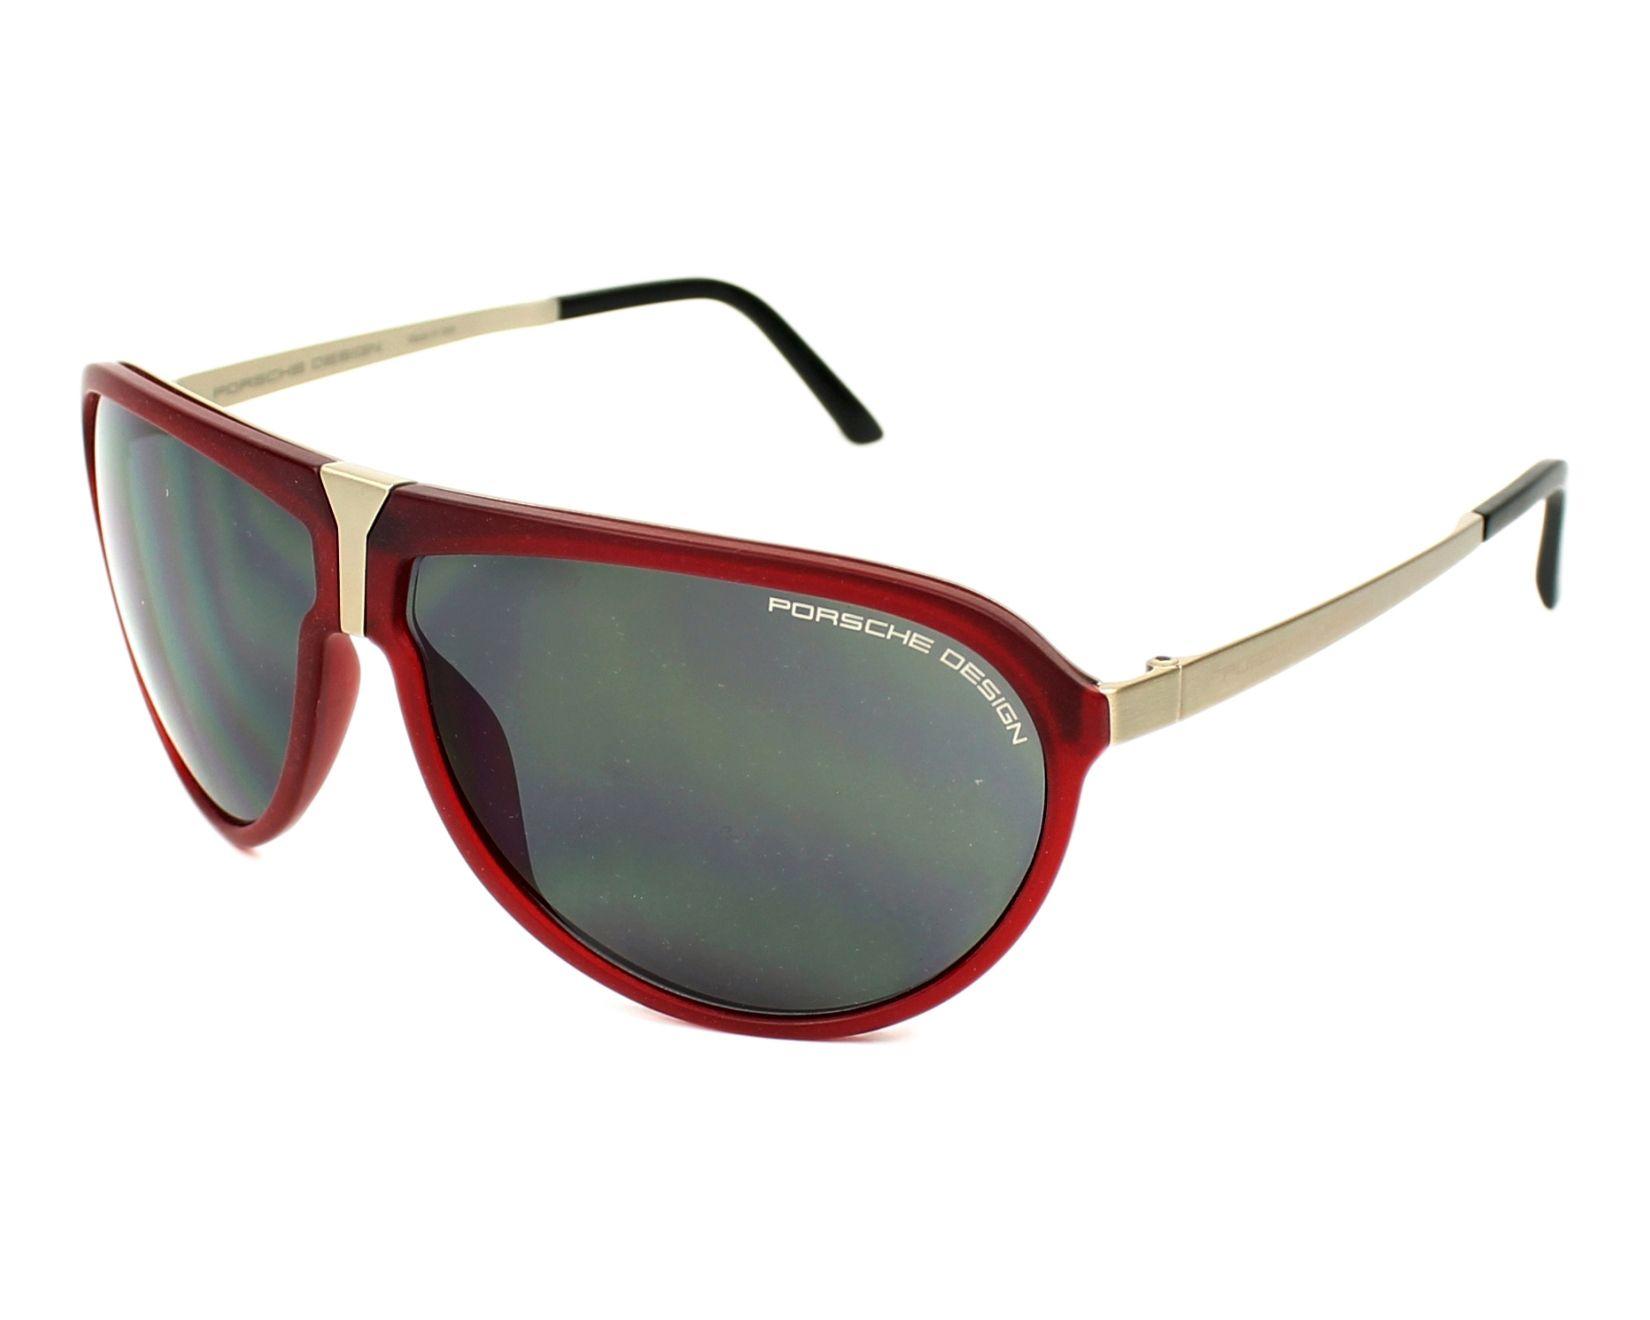 lunettes de soleil porsche design p 8619 b or pas cher visionet. Black Bedroom Furniture Sets. Home Design Ideas